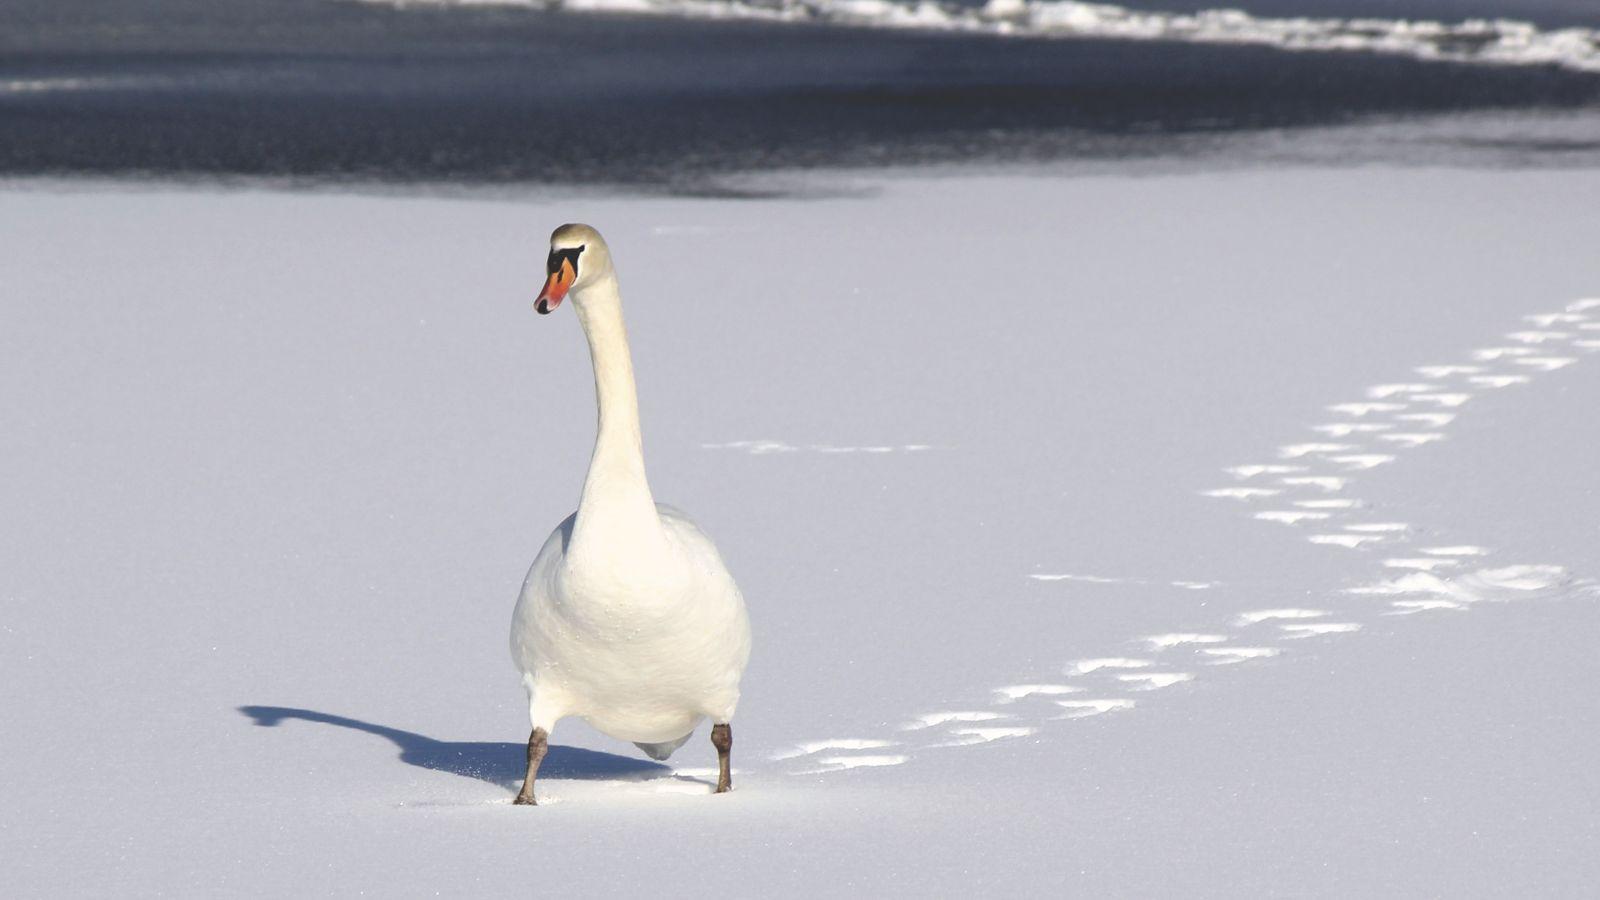 Nature Snow Bird Wallpaper - Snow Duck Hd - HD Wallpaper